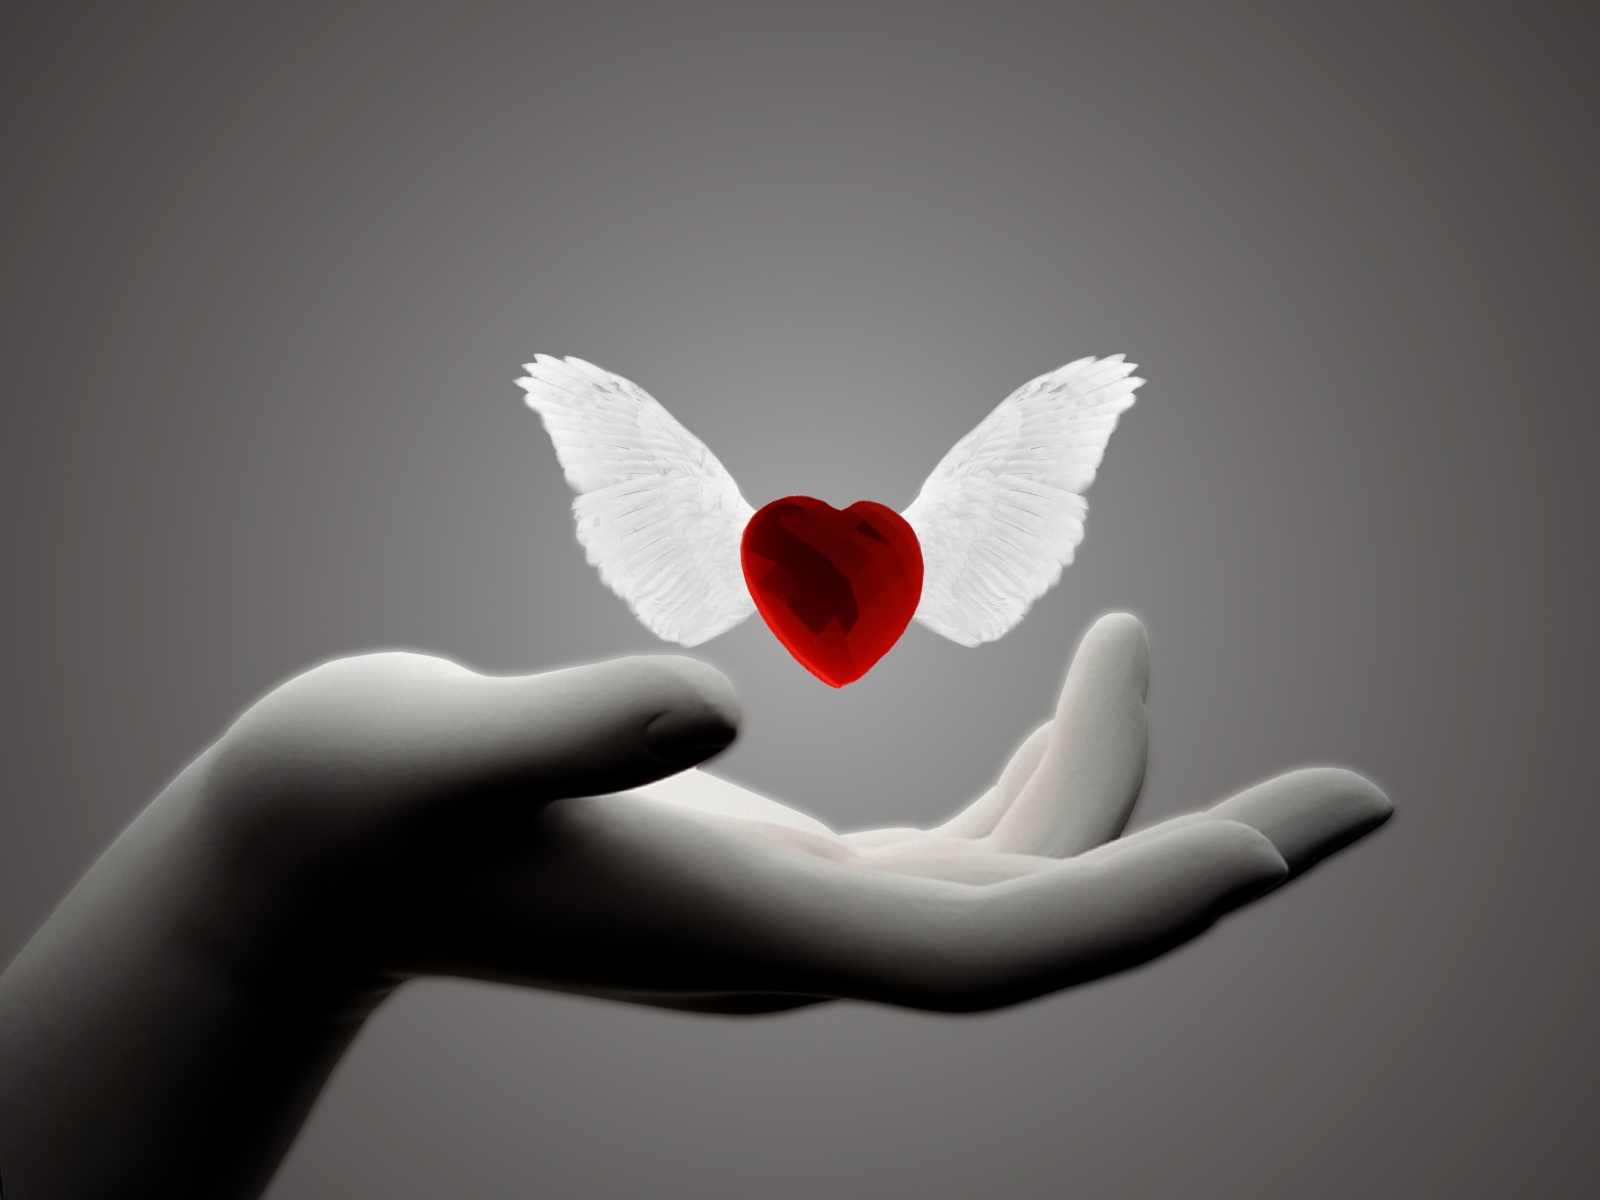 دانلود رمان مهر و موم شده با عشق | پی دی اف ، پرنیان ، کتابچه ، اندروید ، ePUB ، APK